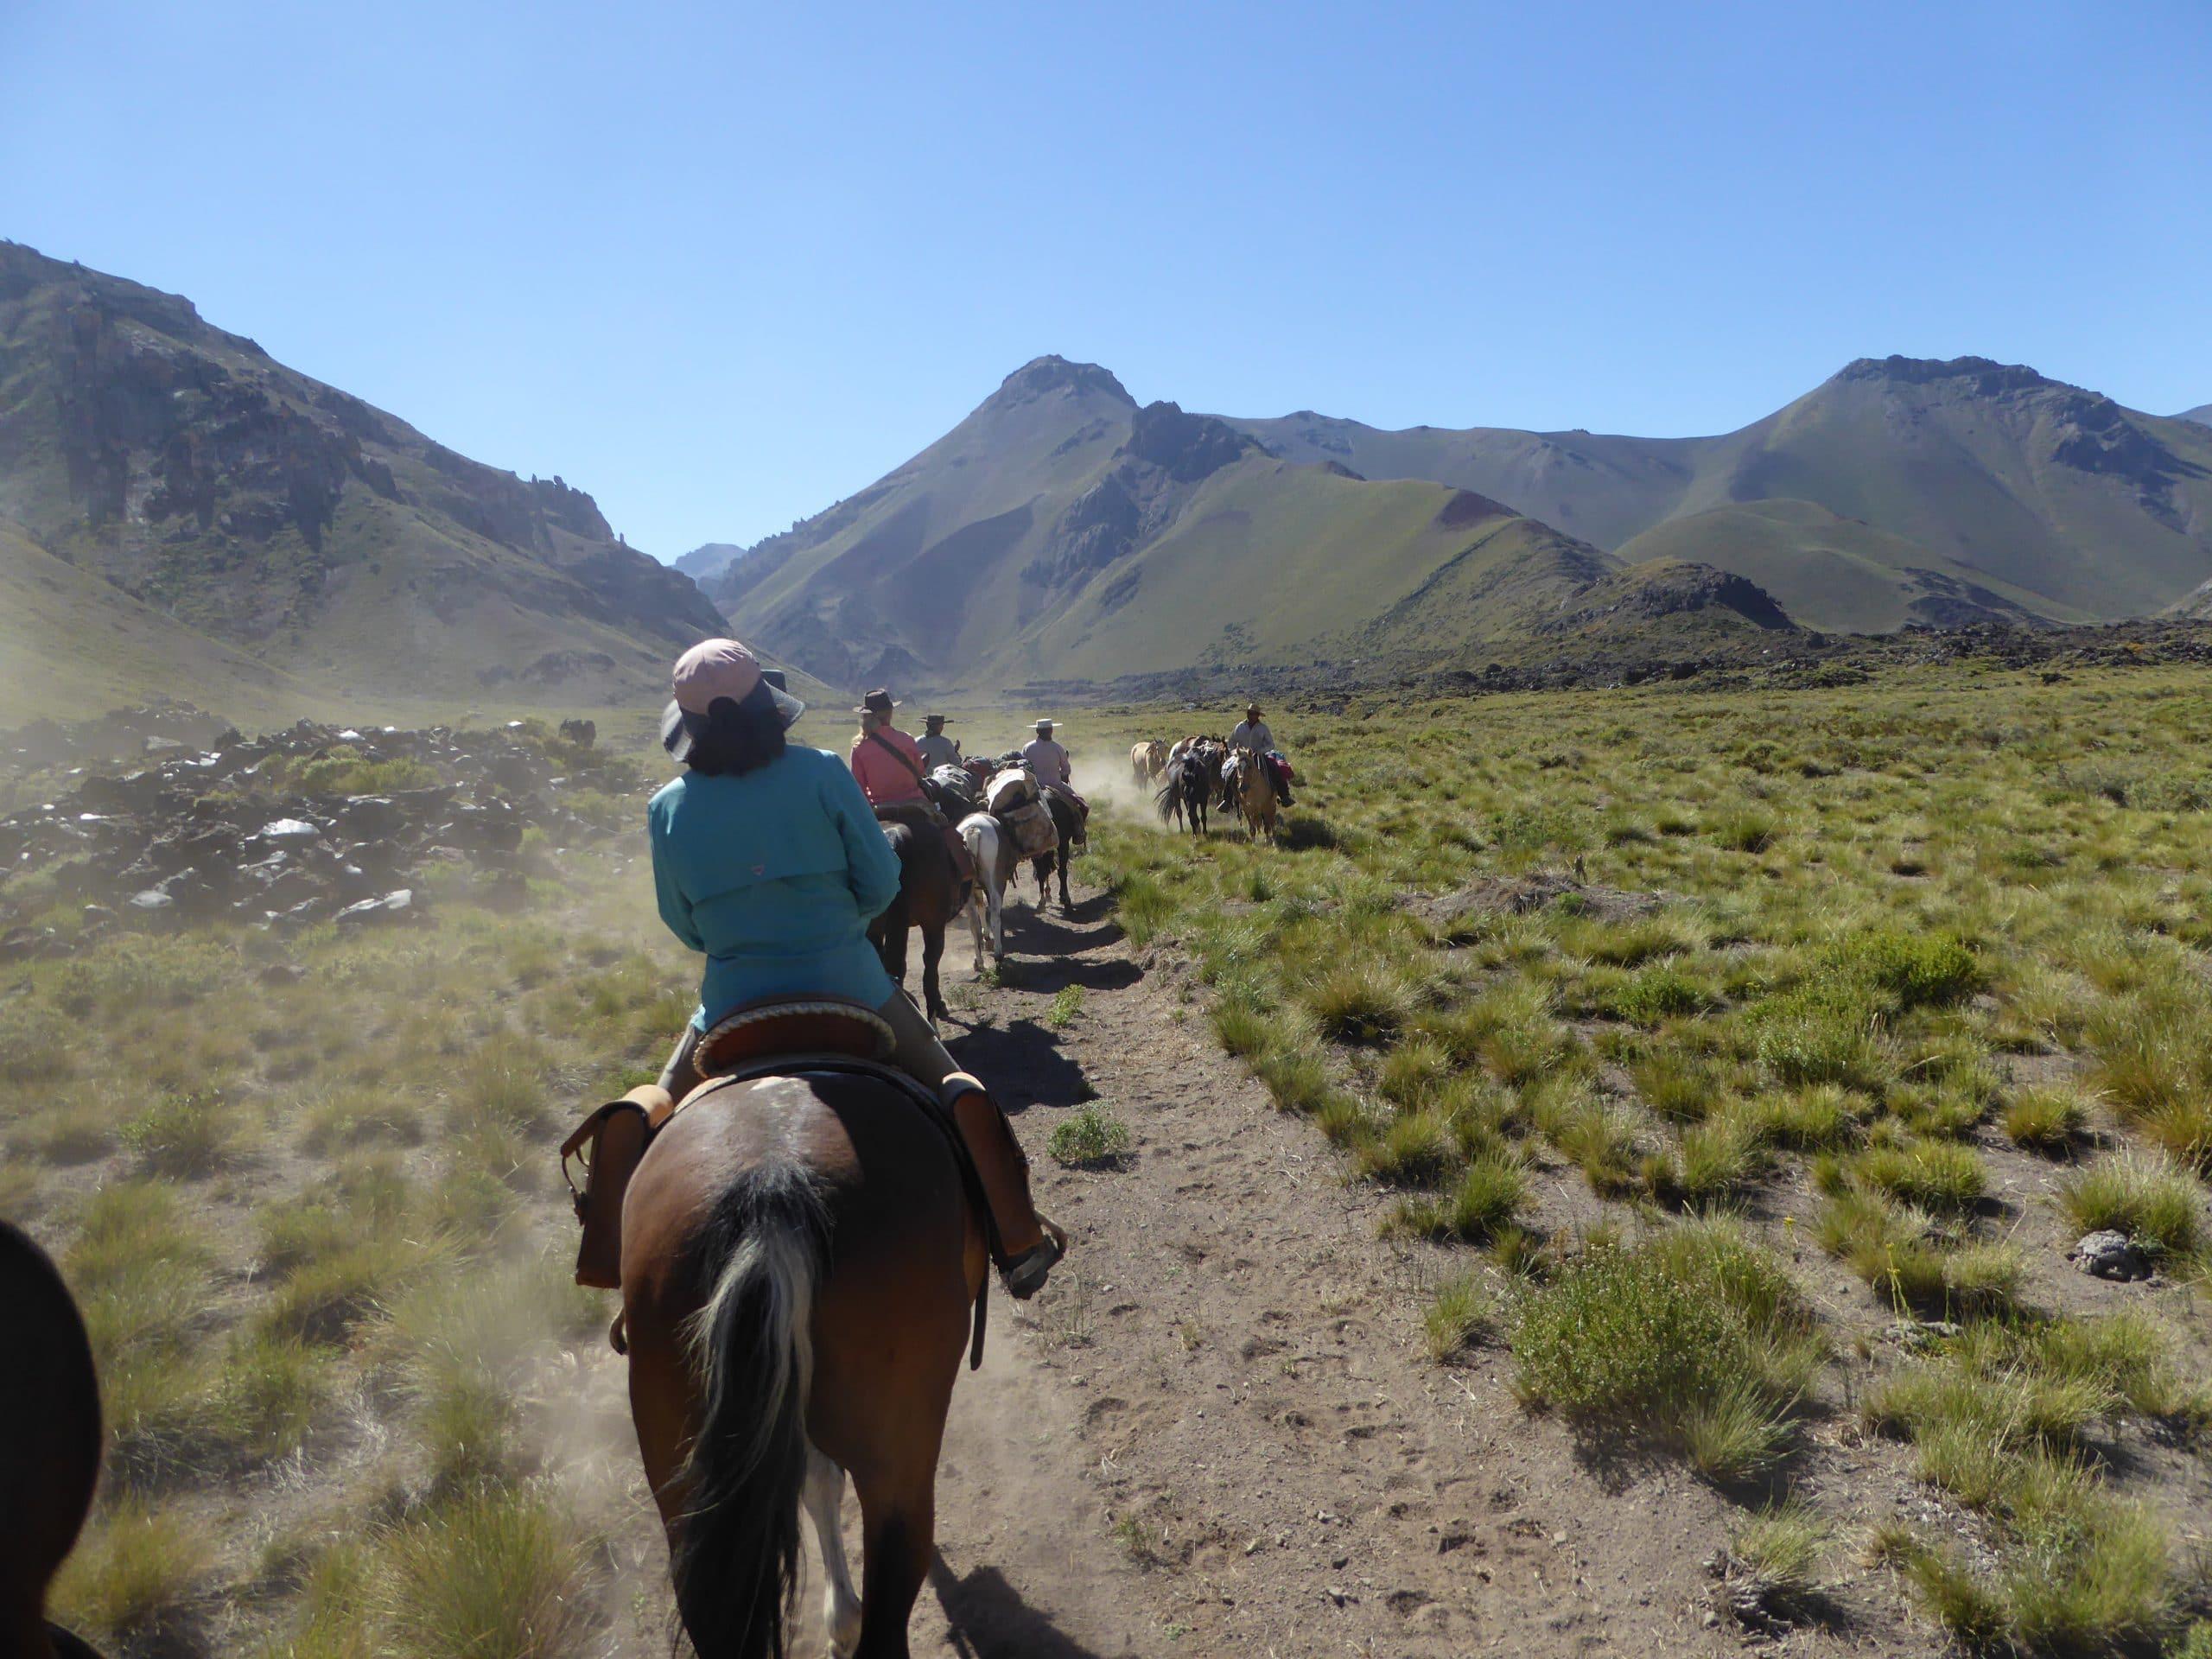 gemütlicher Ritt in den Anden